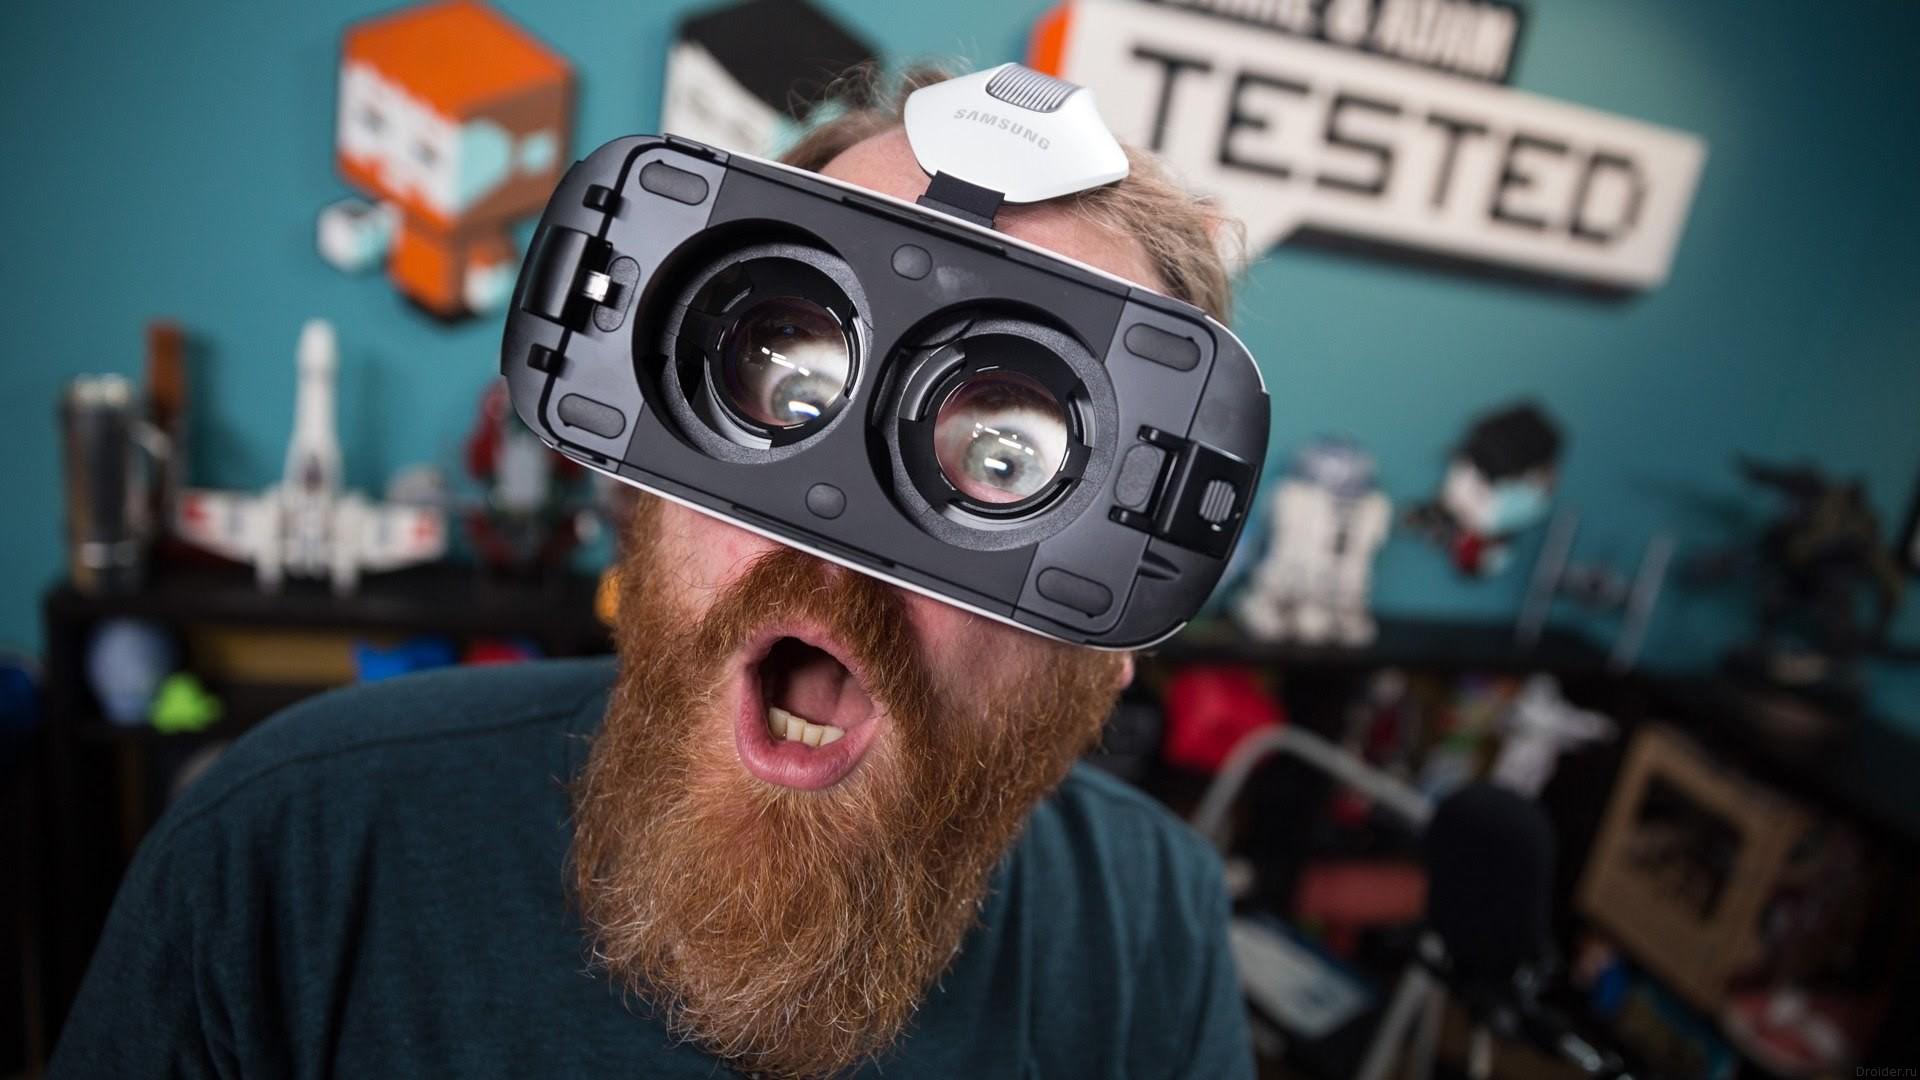 Фильмы о виртуальной реальности, которые стоит посмотреть